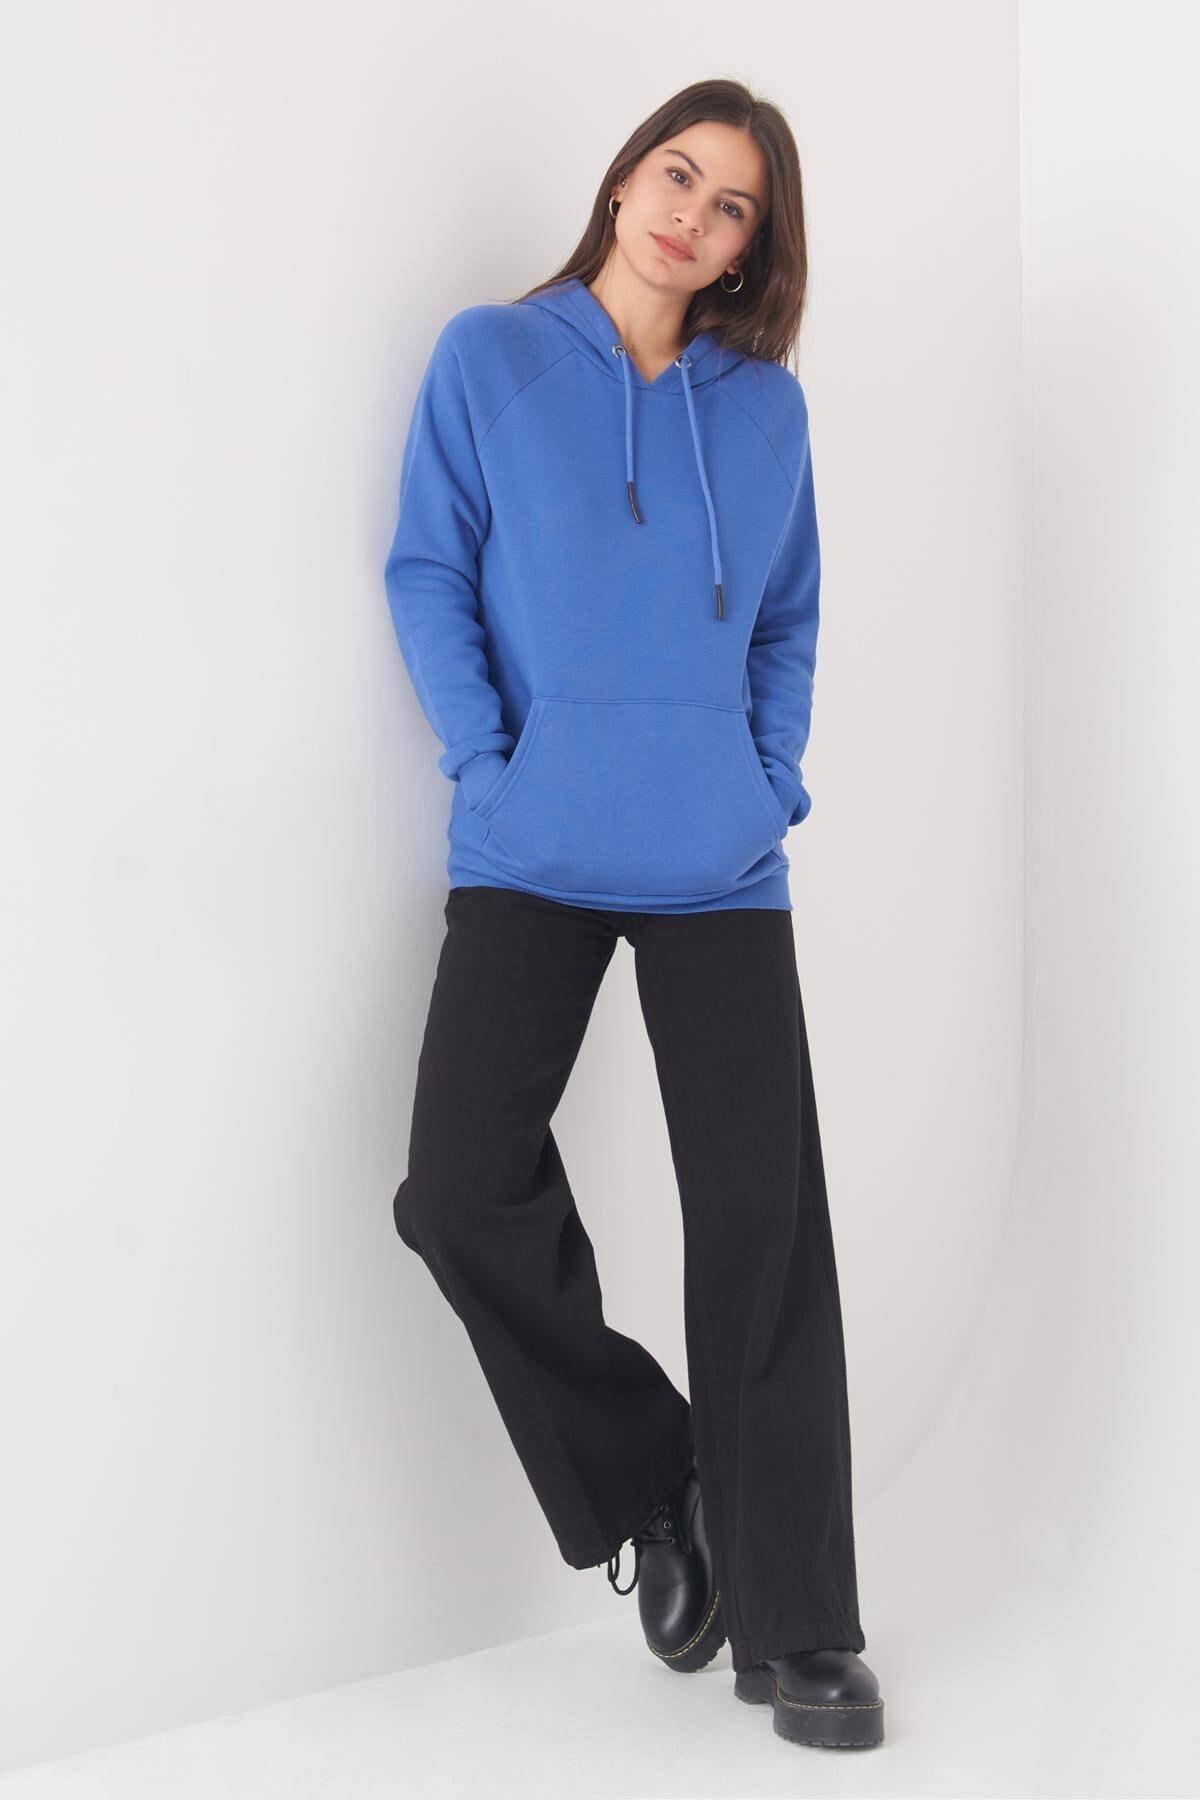 Addax Kadın mavi Cep Detaylı Sweat S7066-1 - B11 - B12 ADX-0000019965 2